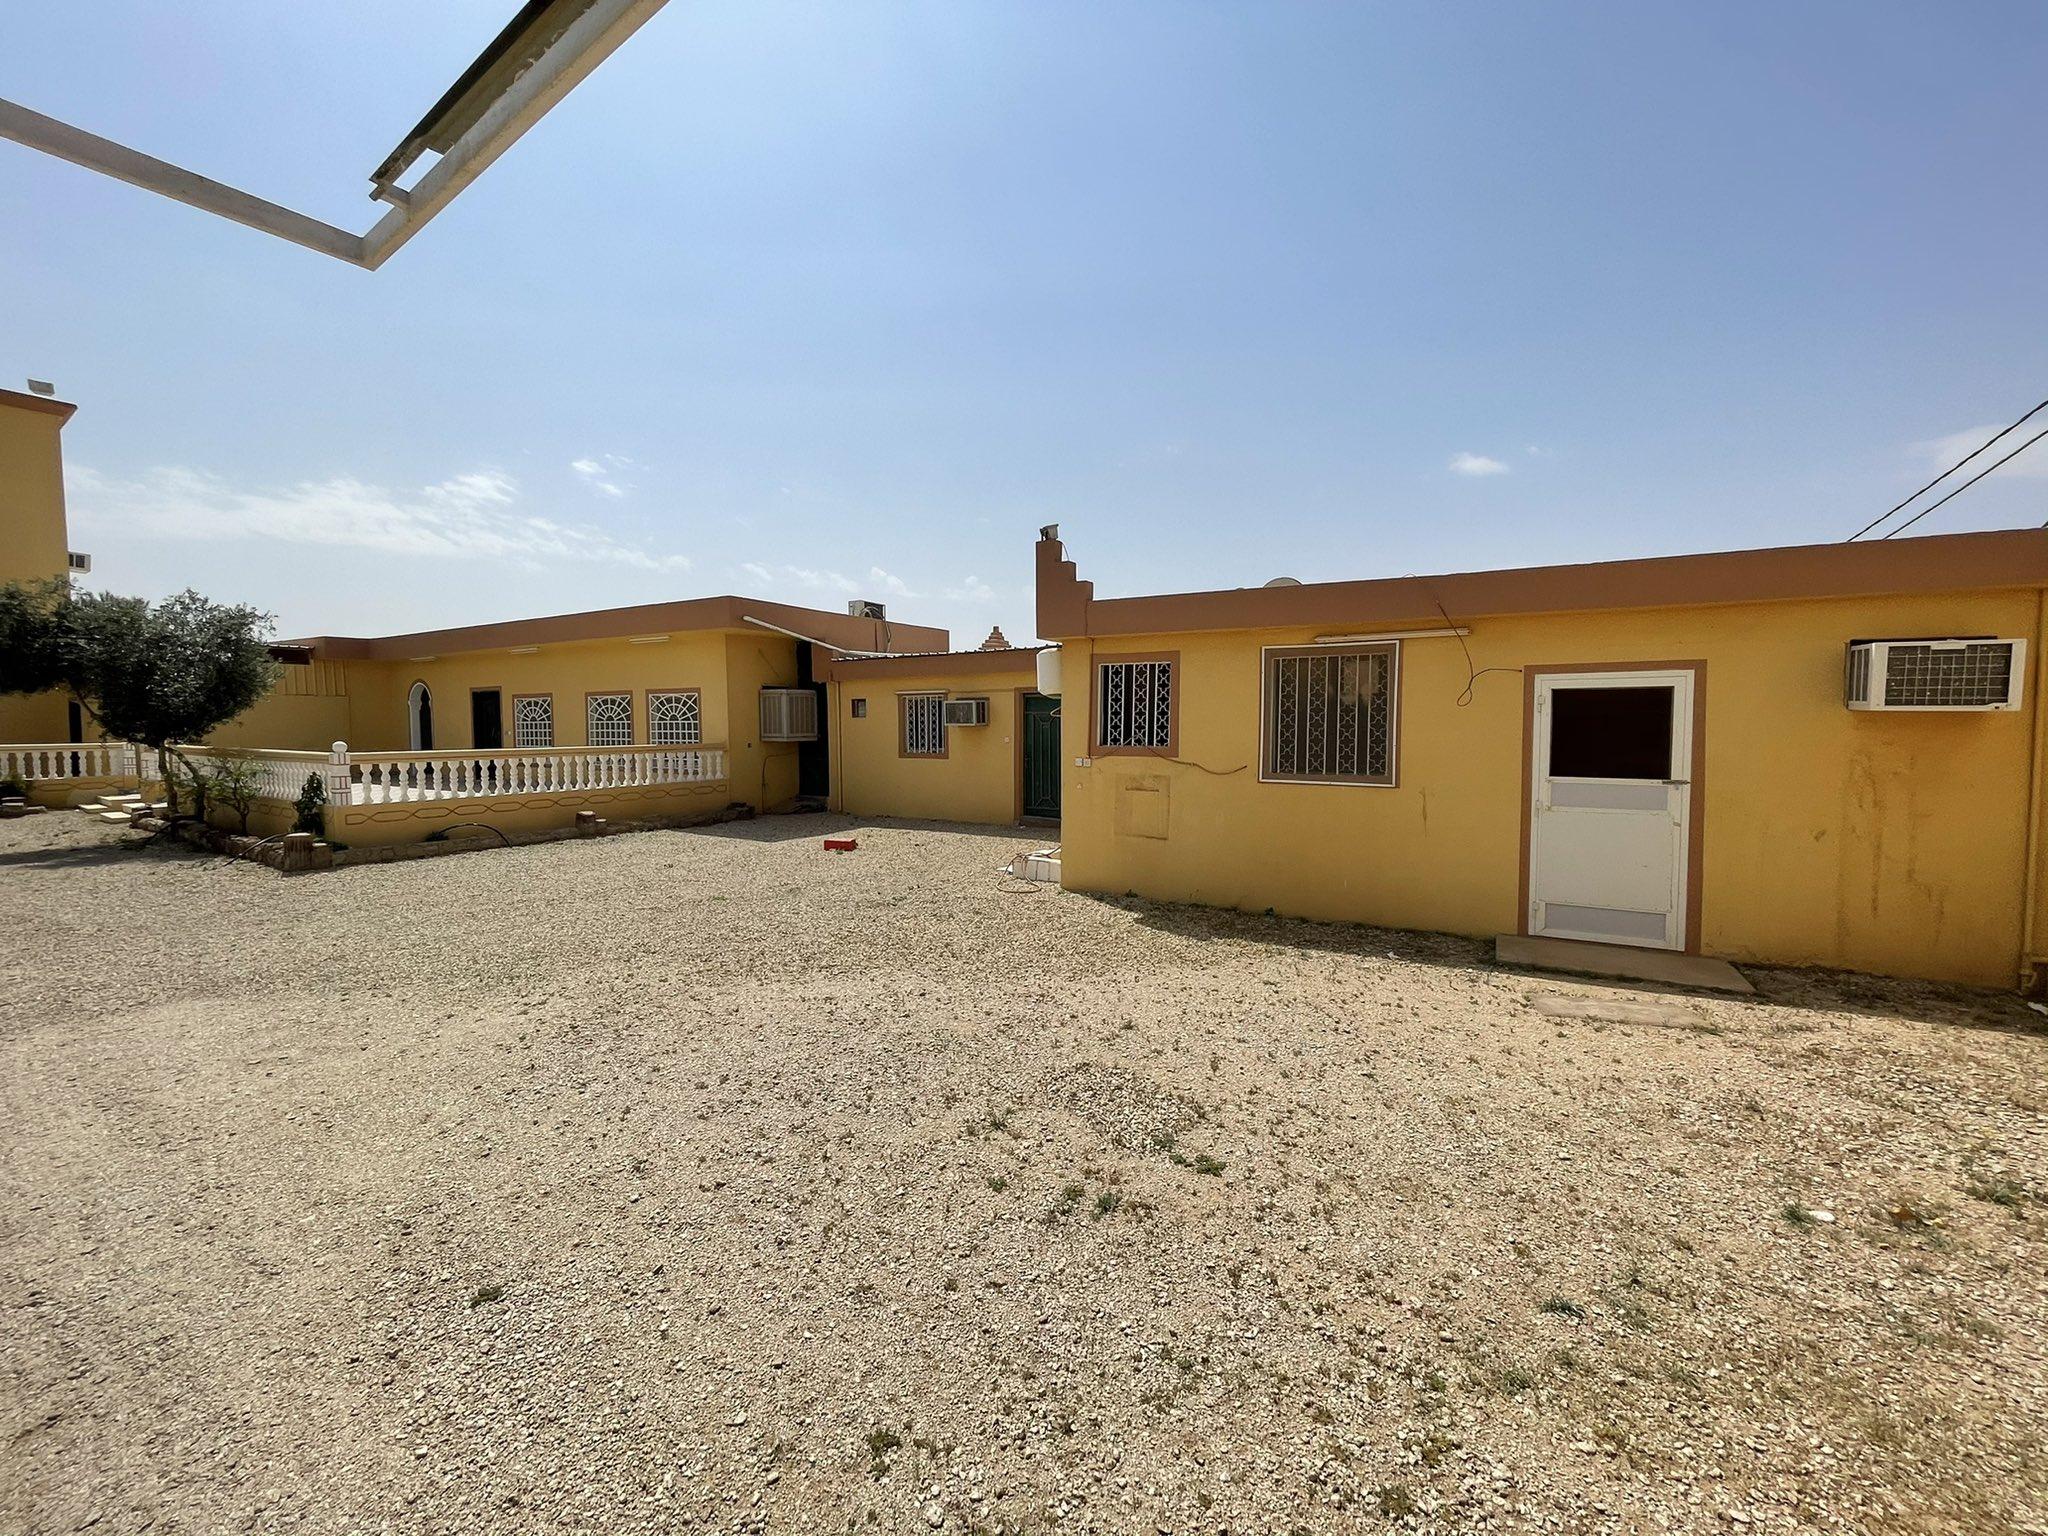 للبيع استراحة مملوكة بصك شرعي الموقع: شرق #البكيرية بالقرب من دوار القربة